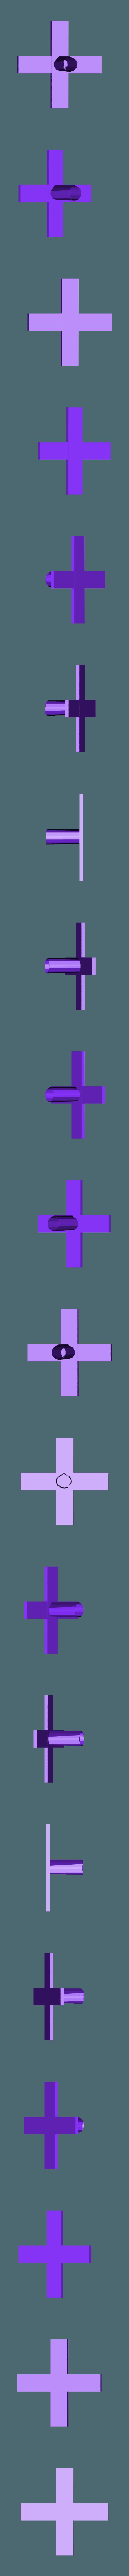 XmasTree Base.stl Télécharger fichier STL gratuit Peeno - L'arbre de Noël minimal • Plan imprimable en 3D, addiscamillo